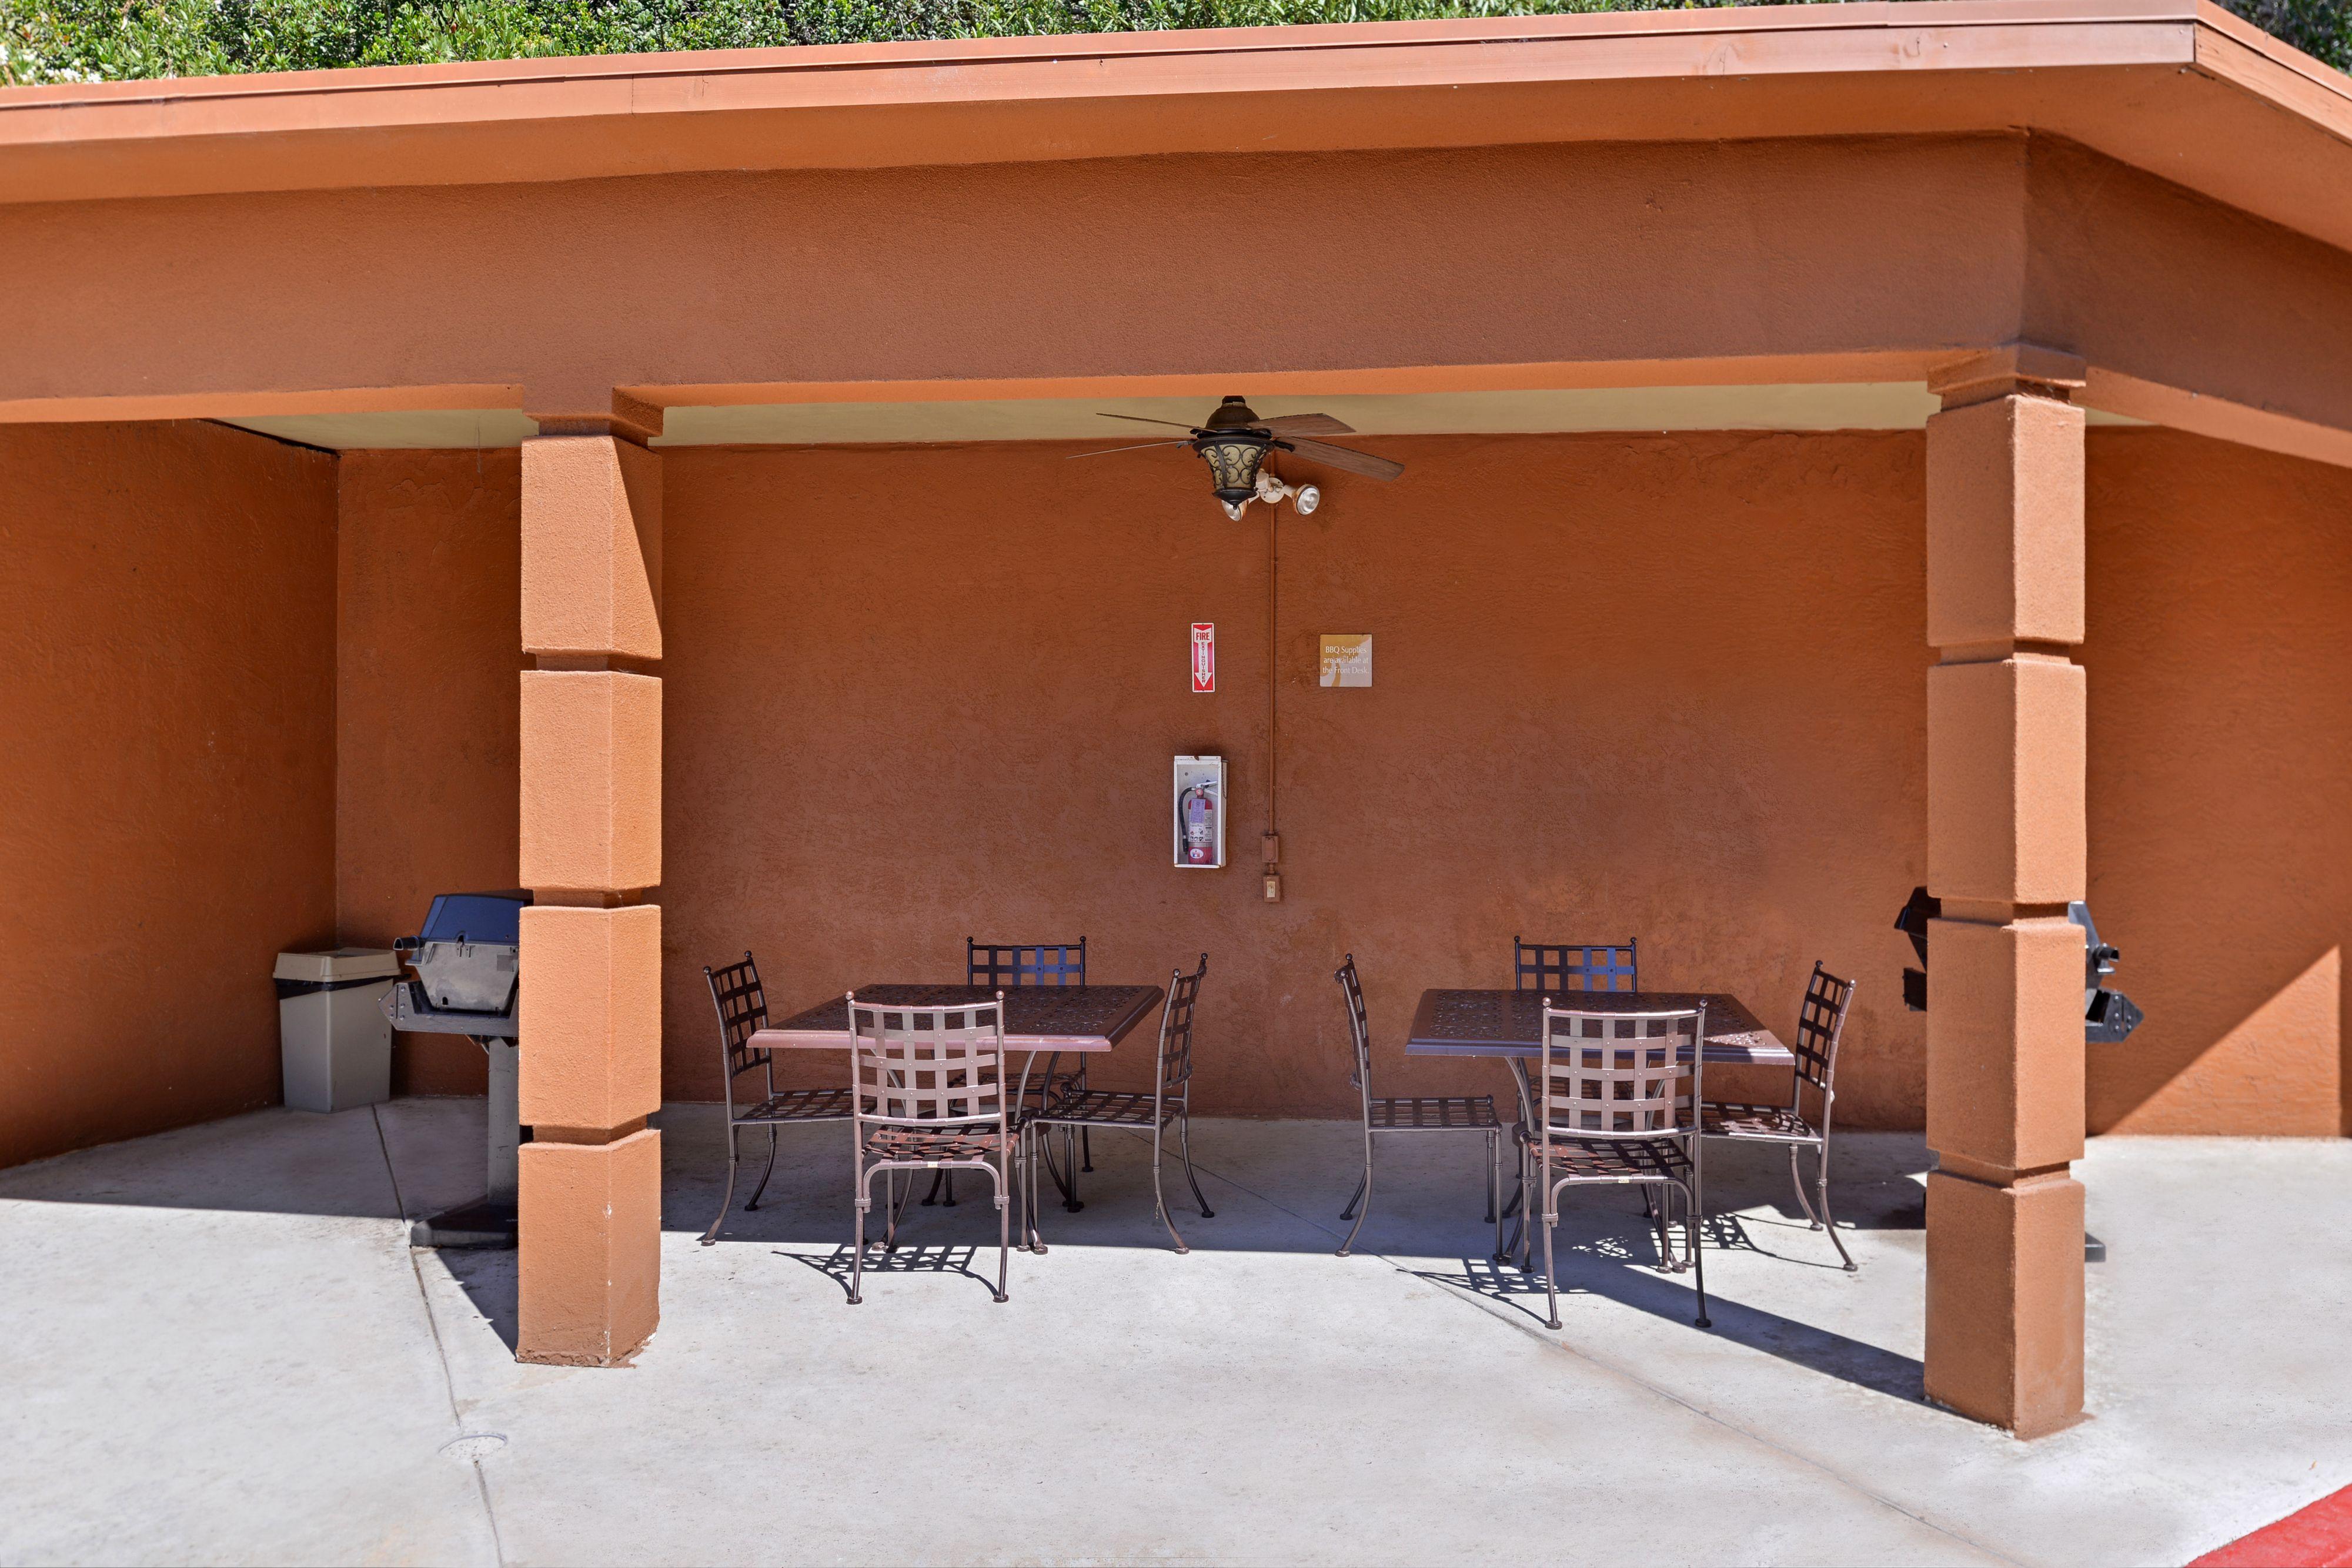 candlewood-suites-san-diego-4026444652-original.jpg